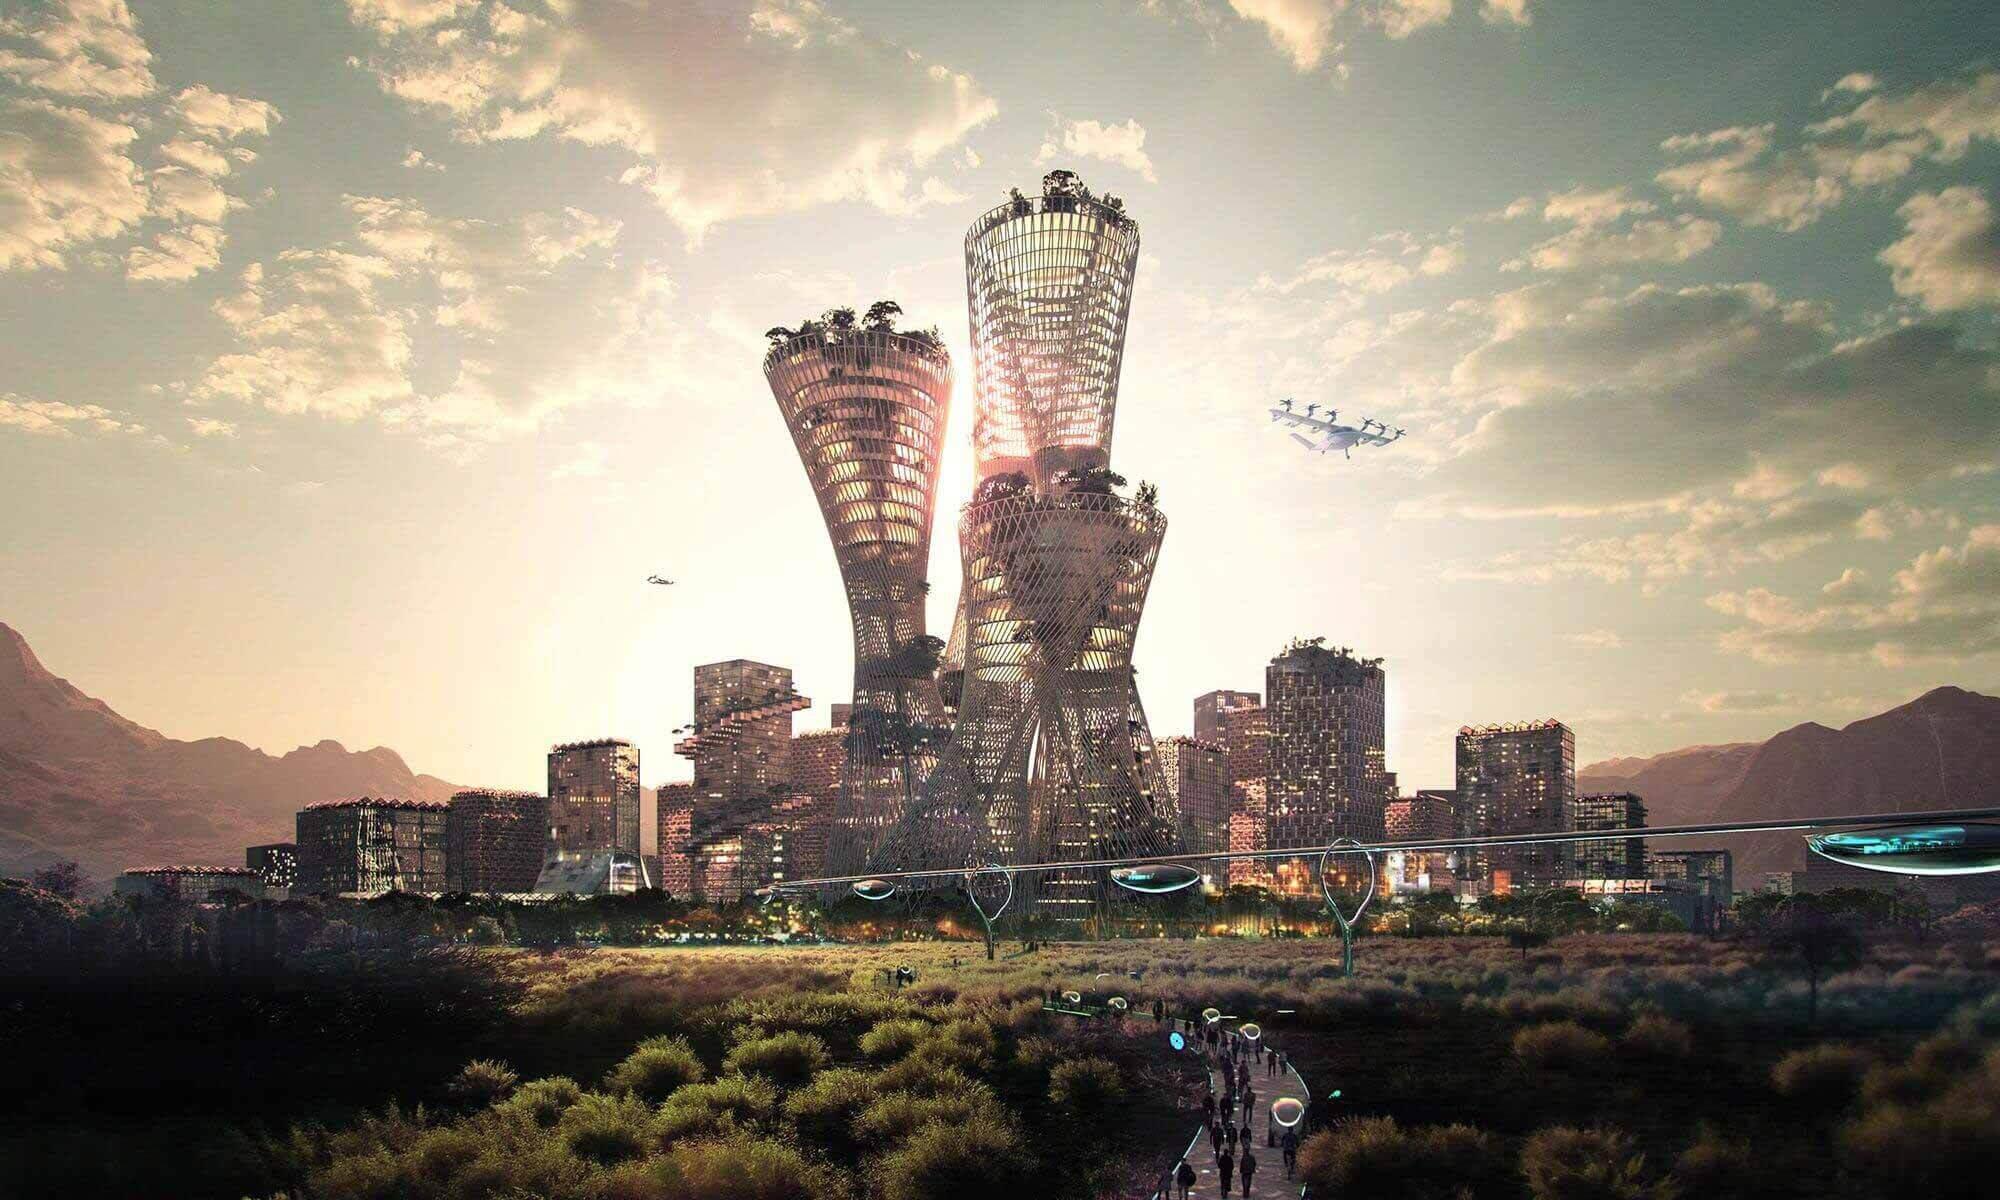 BIG представляет масштабный генеральный план, цель которого — стать самым устойчивым городом в мире